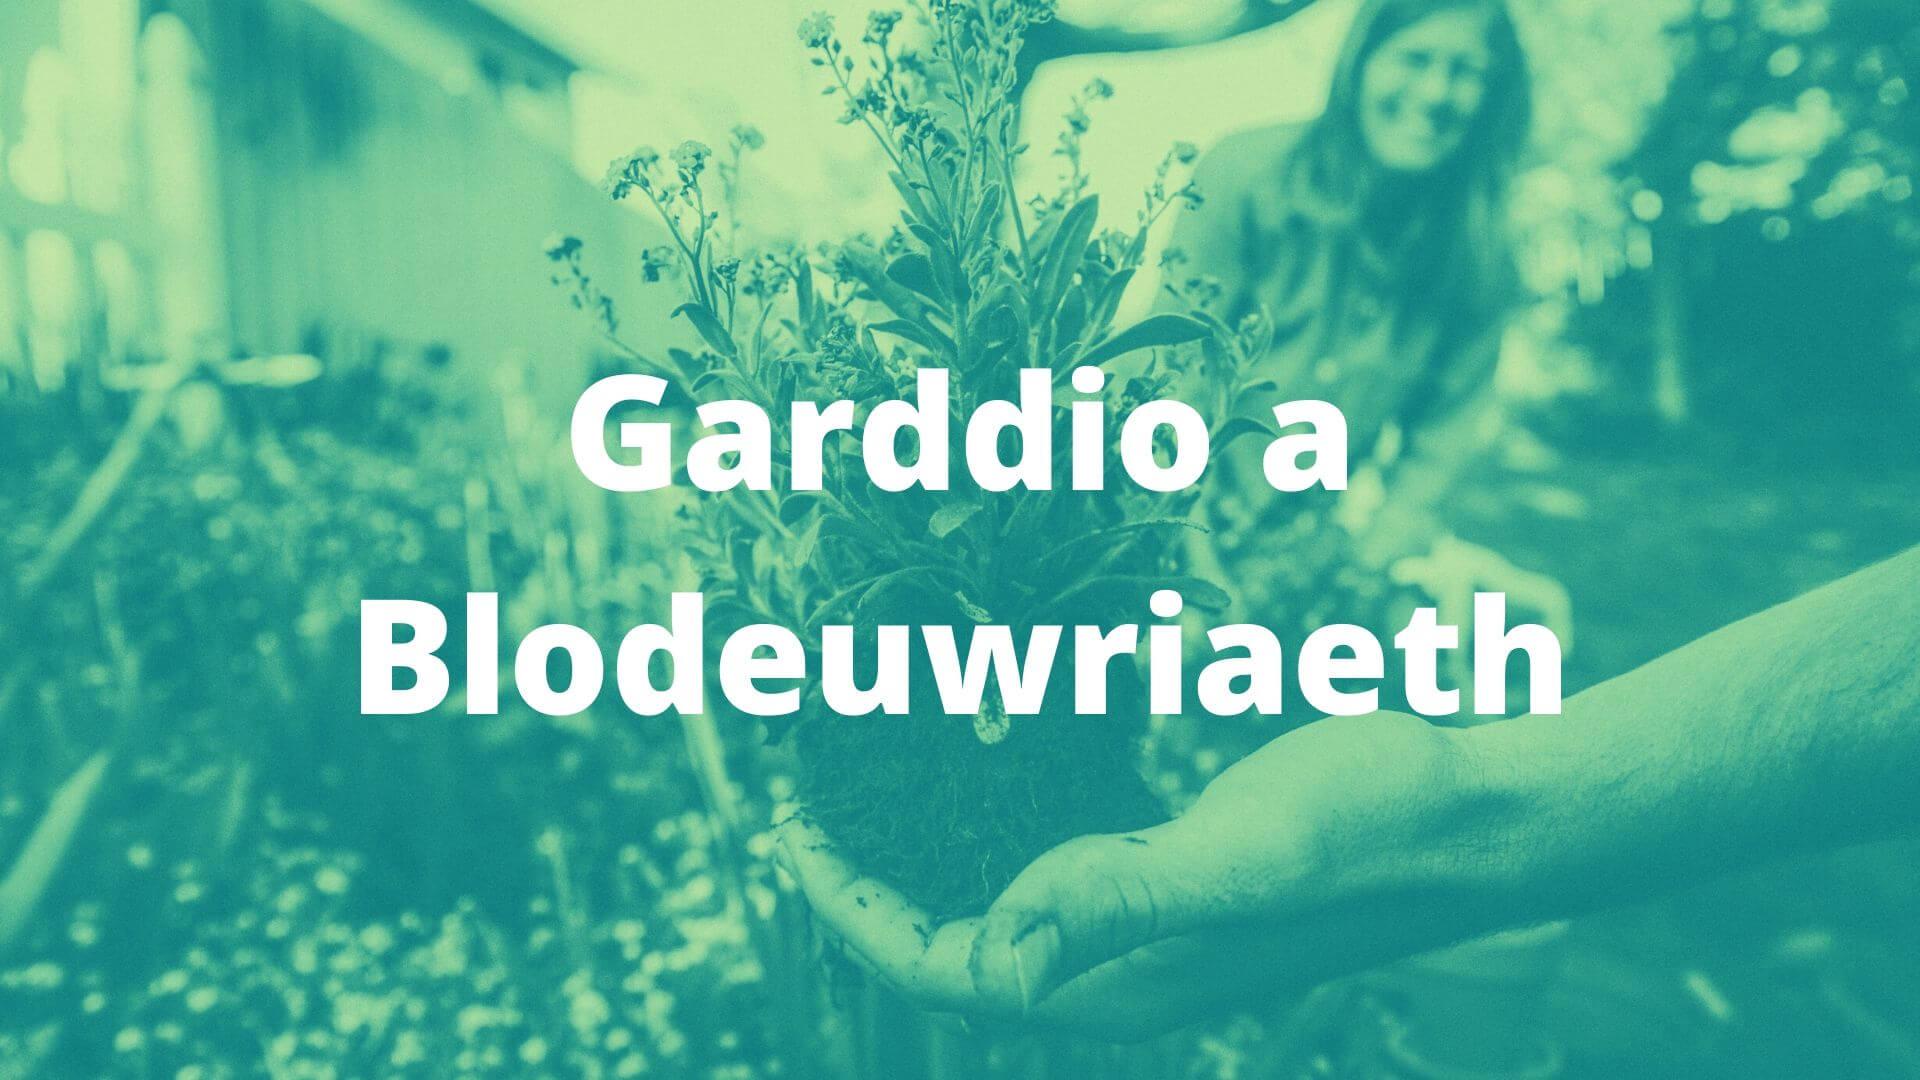 garddio a blodeuwritaeth banner